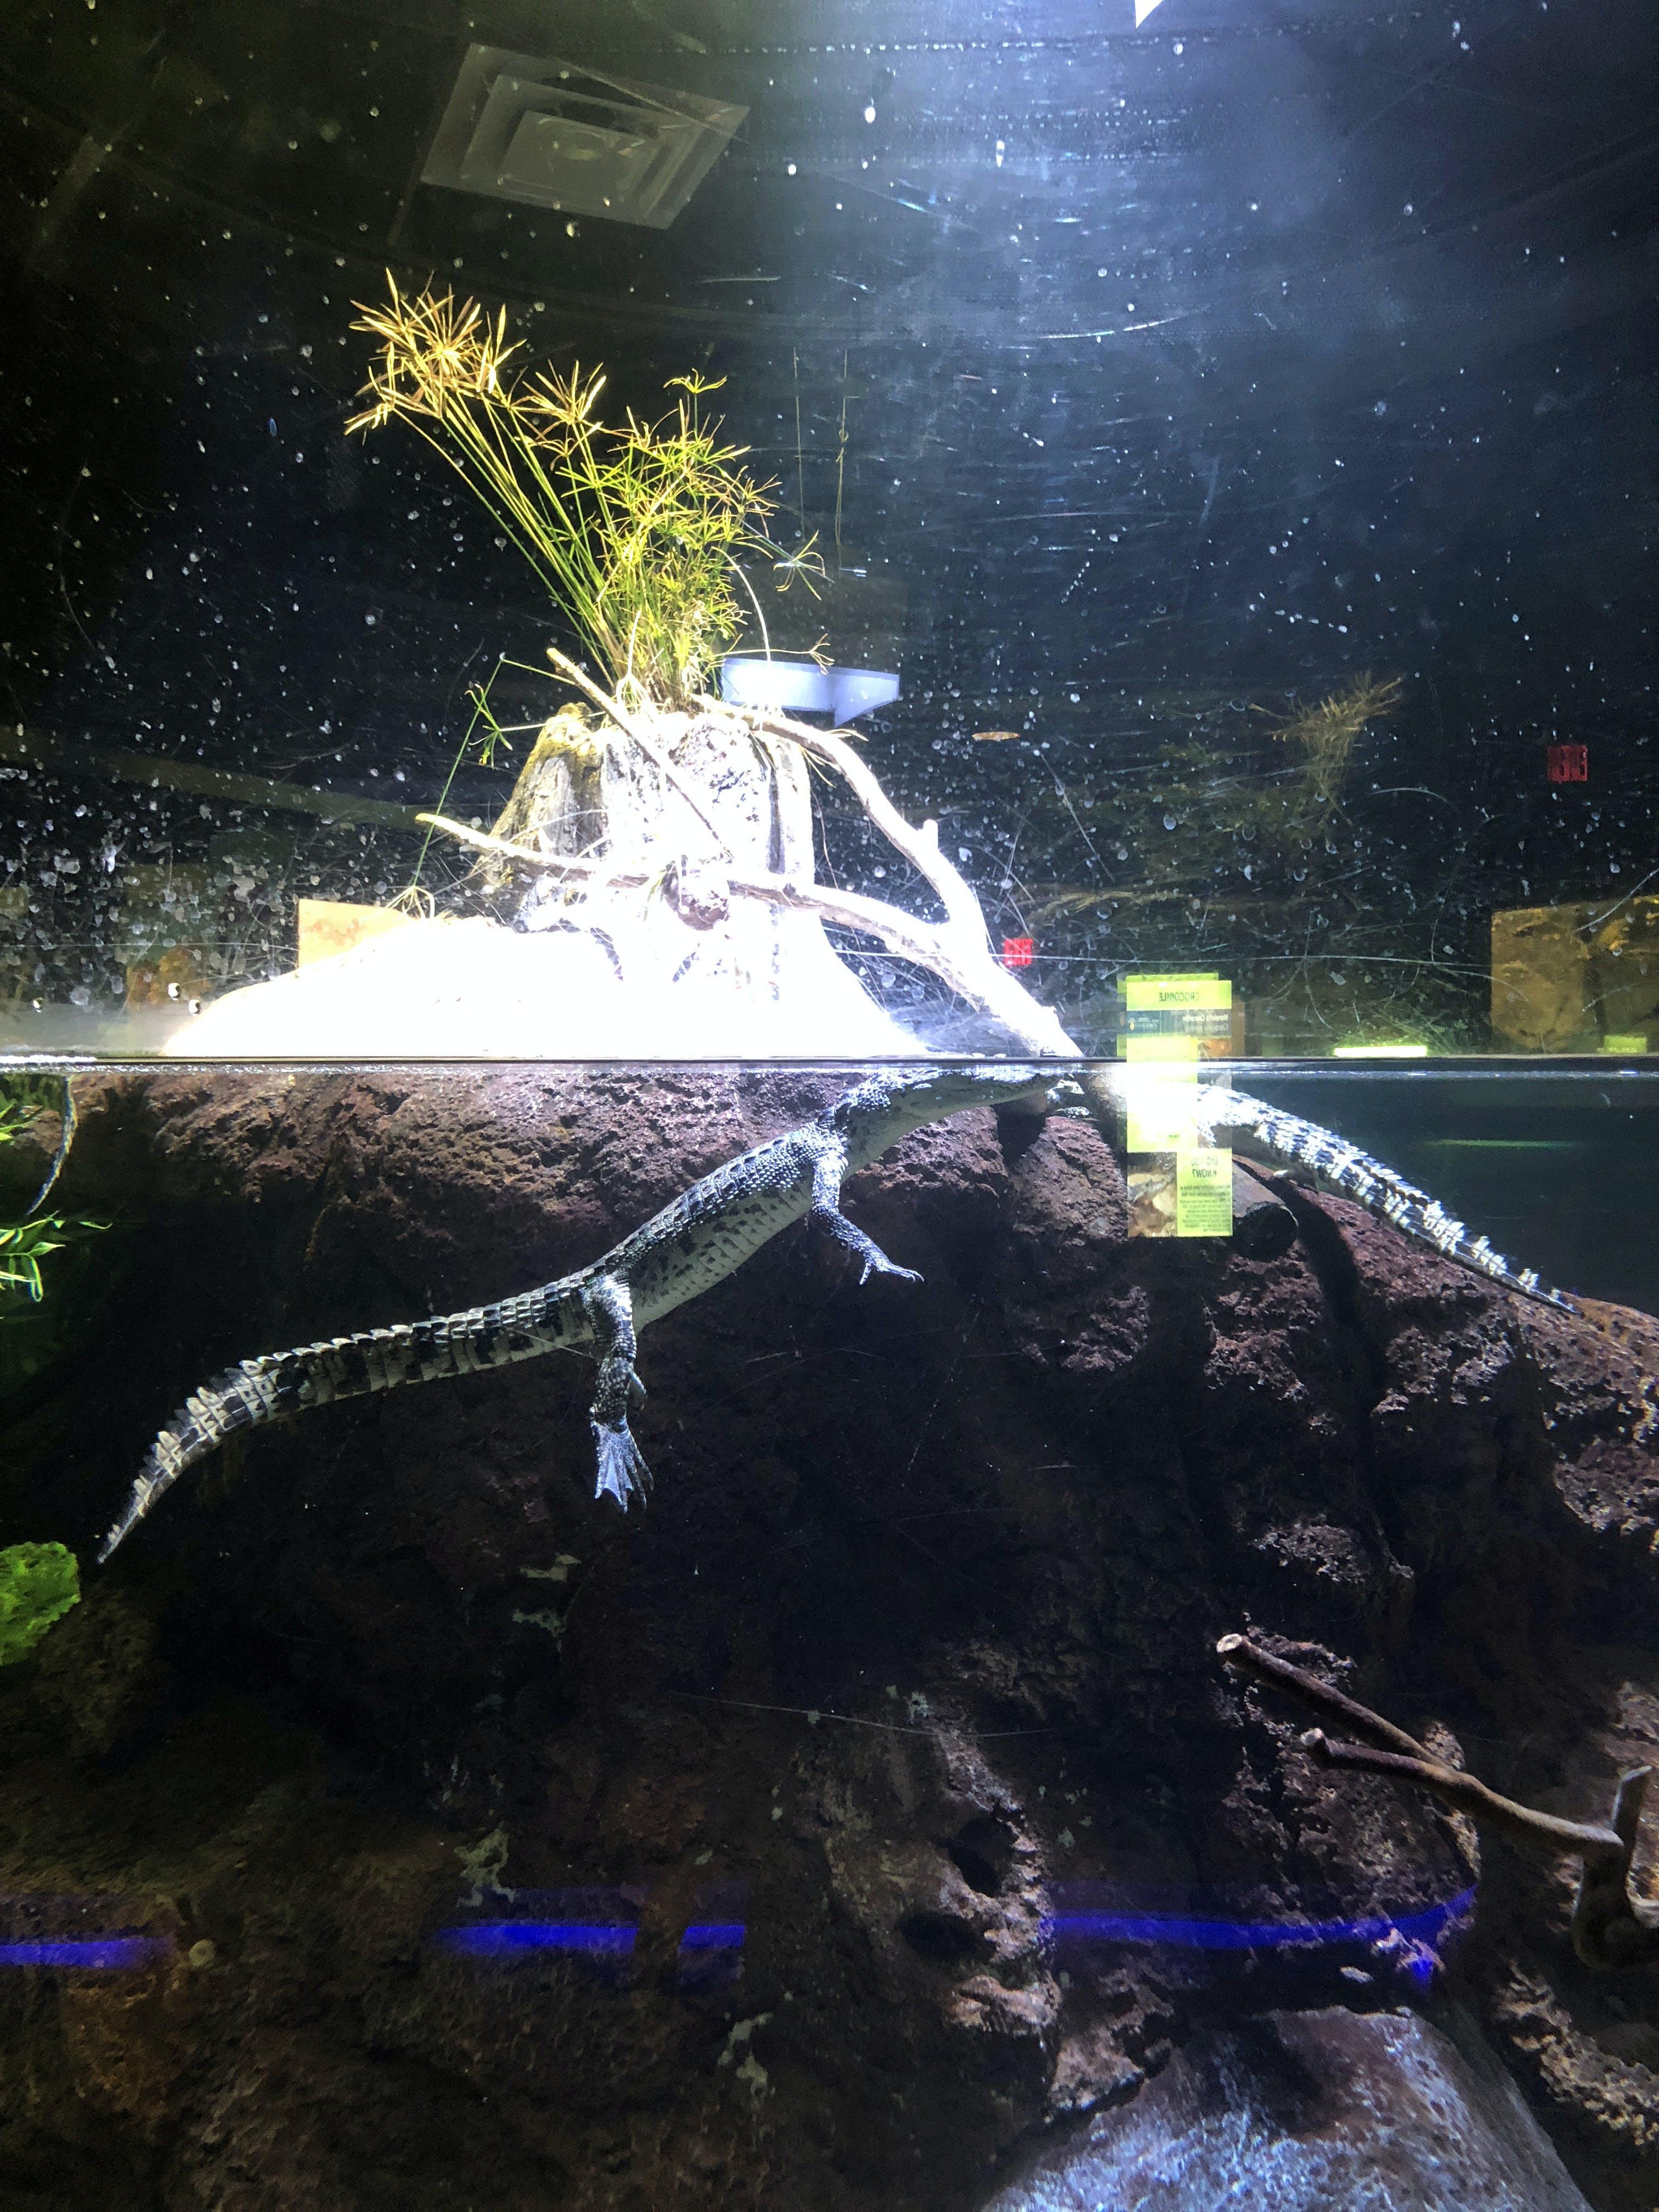 Free stock photo of alligator, aquarium